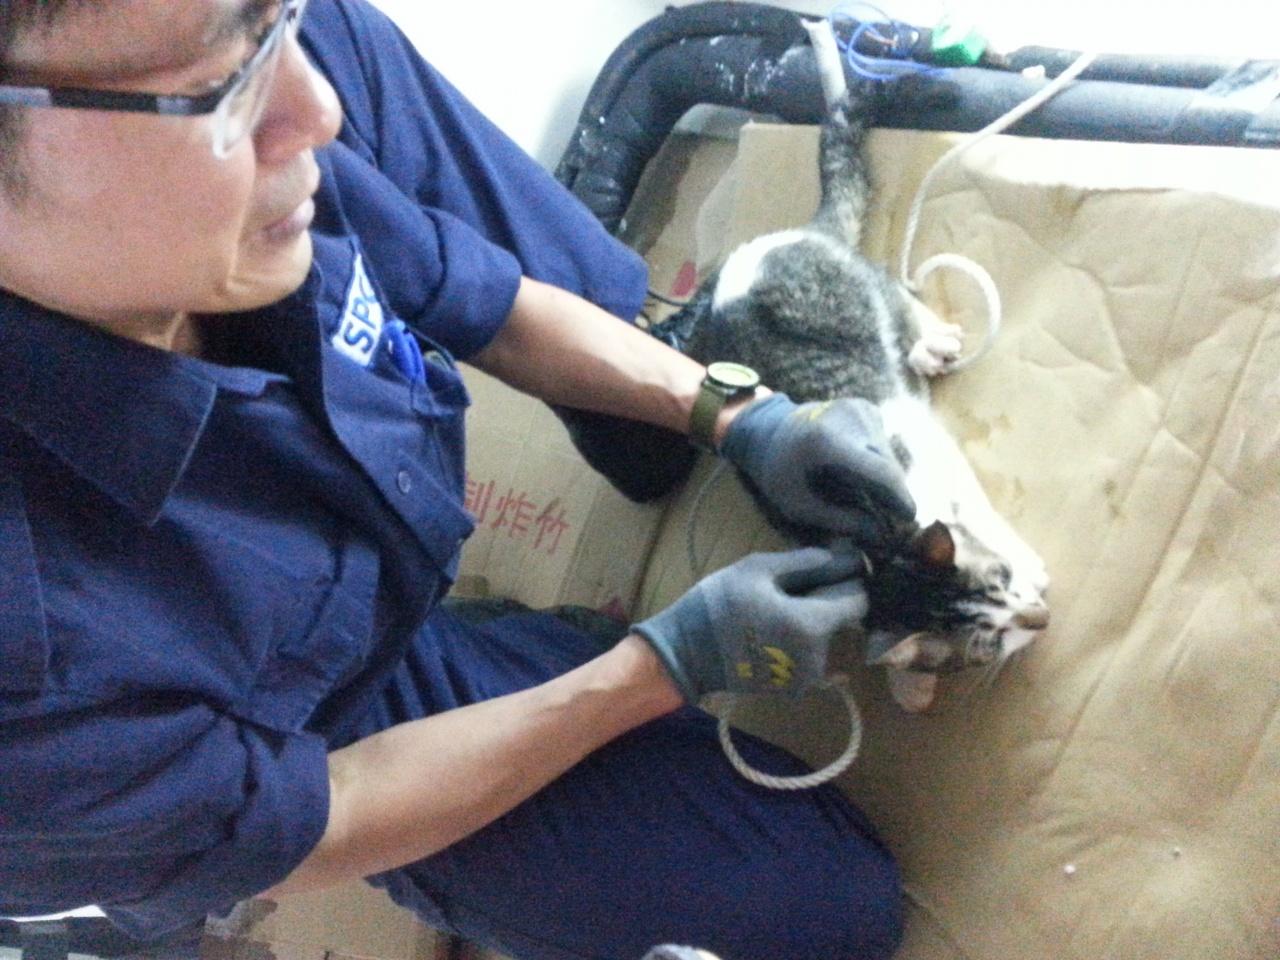 繩困貓意外雖然比較少驚動督察,但Bob sir說此種意外也非常危險。(SPCA提供)